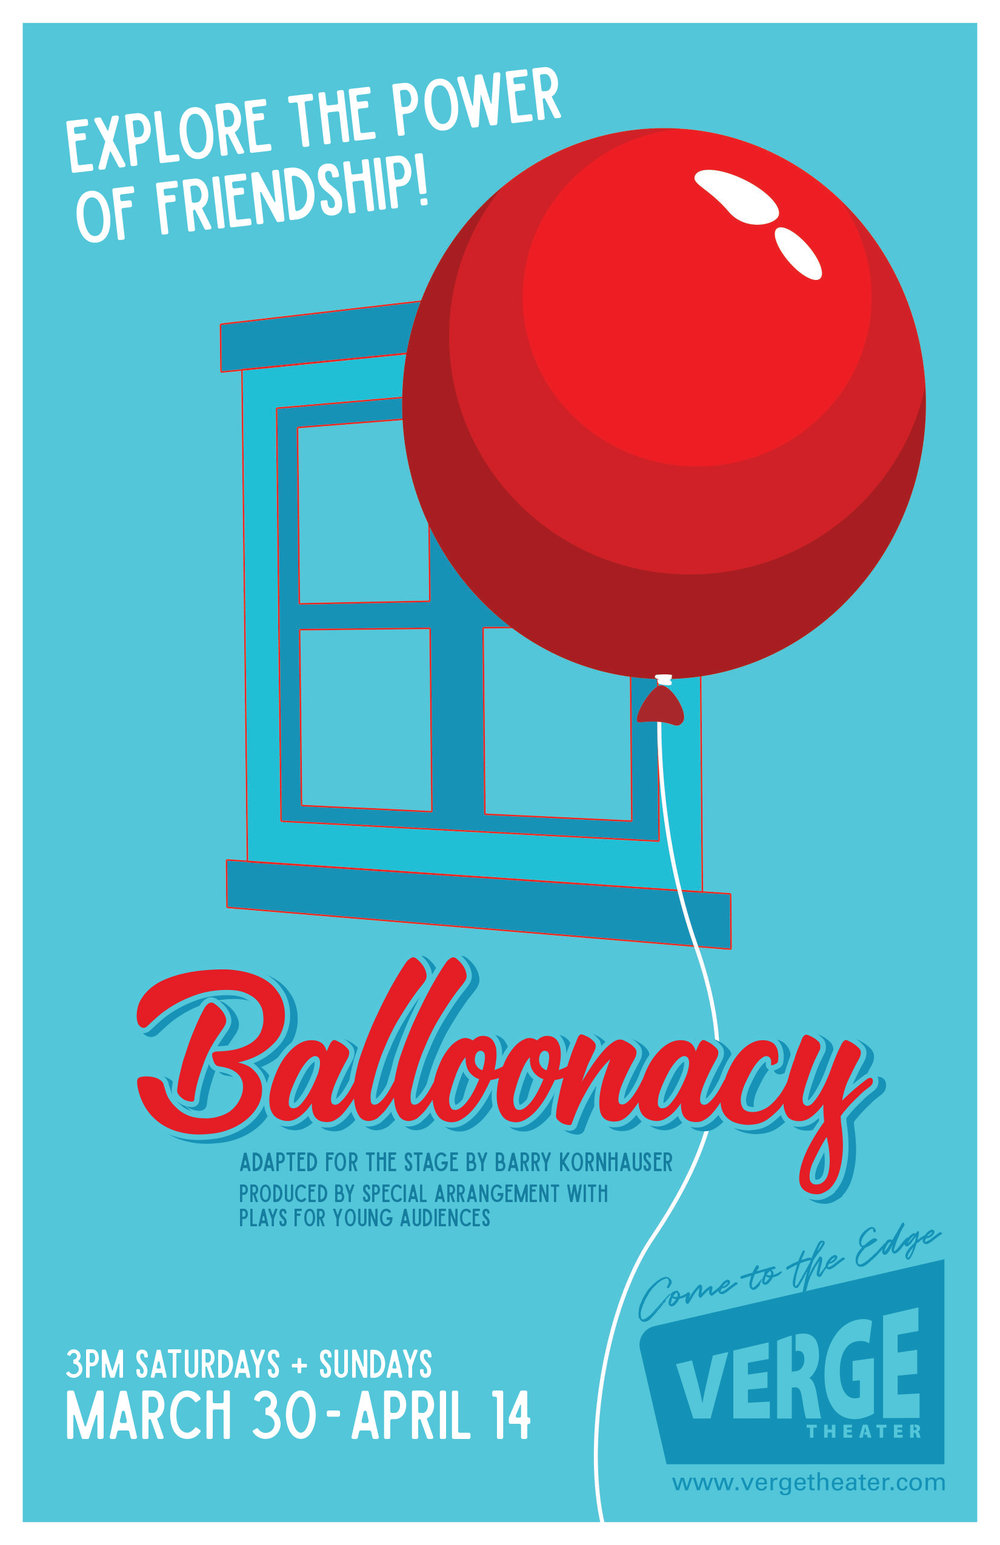 Balloonacy 11 x 17 for website.jpg